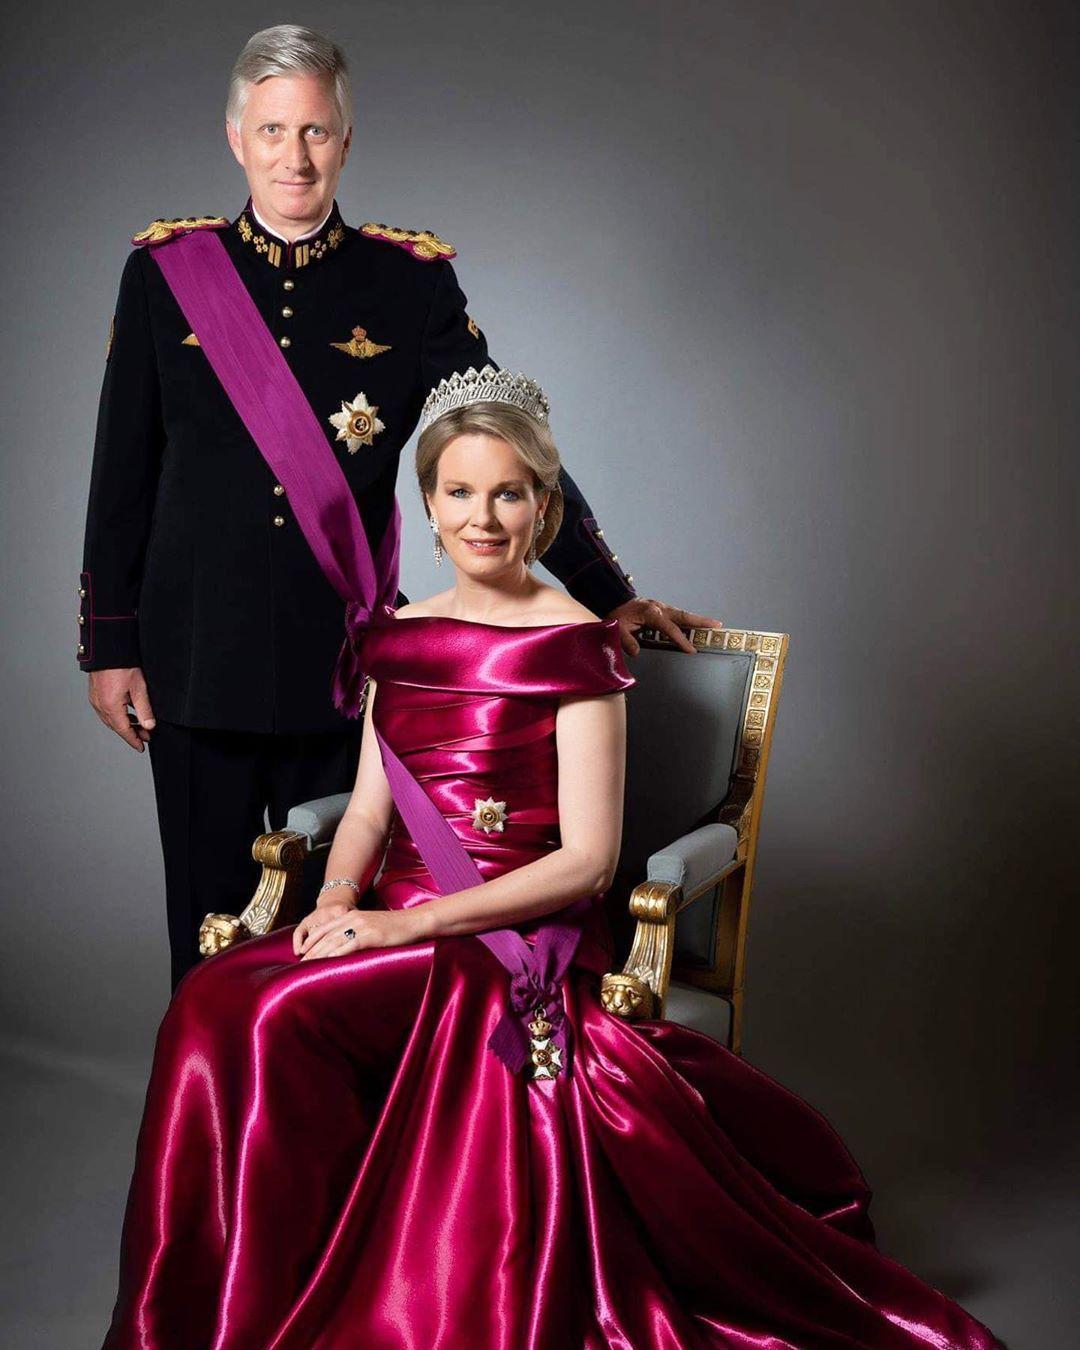 один присест, фотосессия король и королева обладатель великолепных